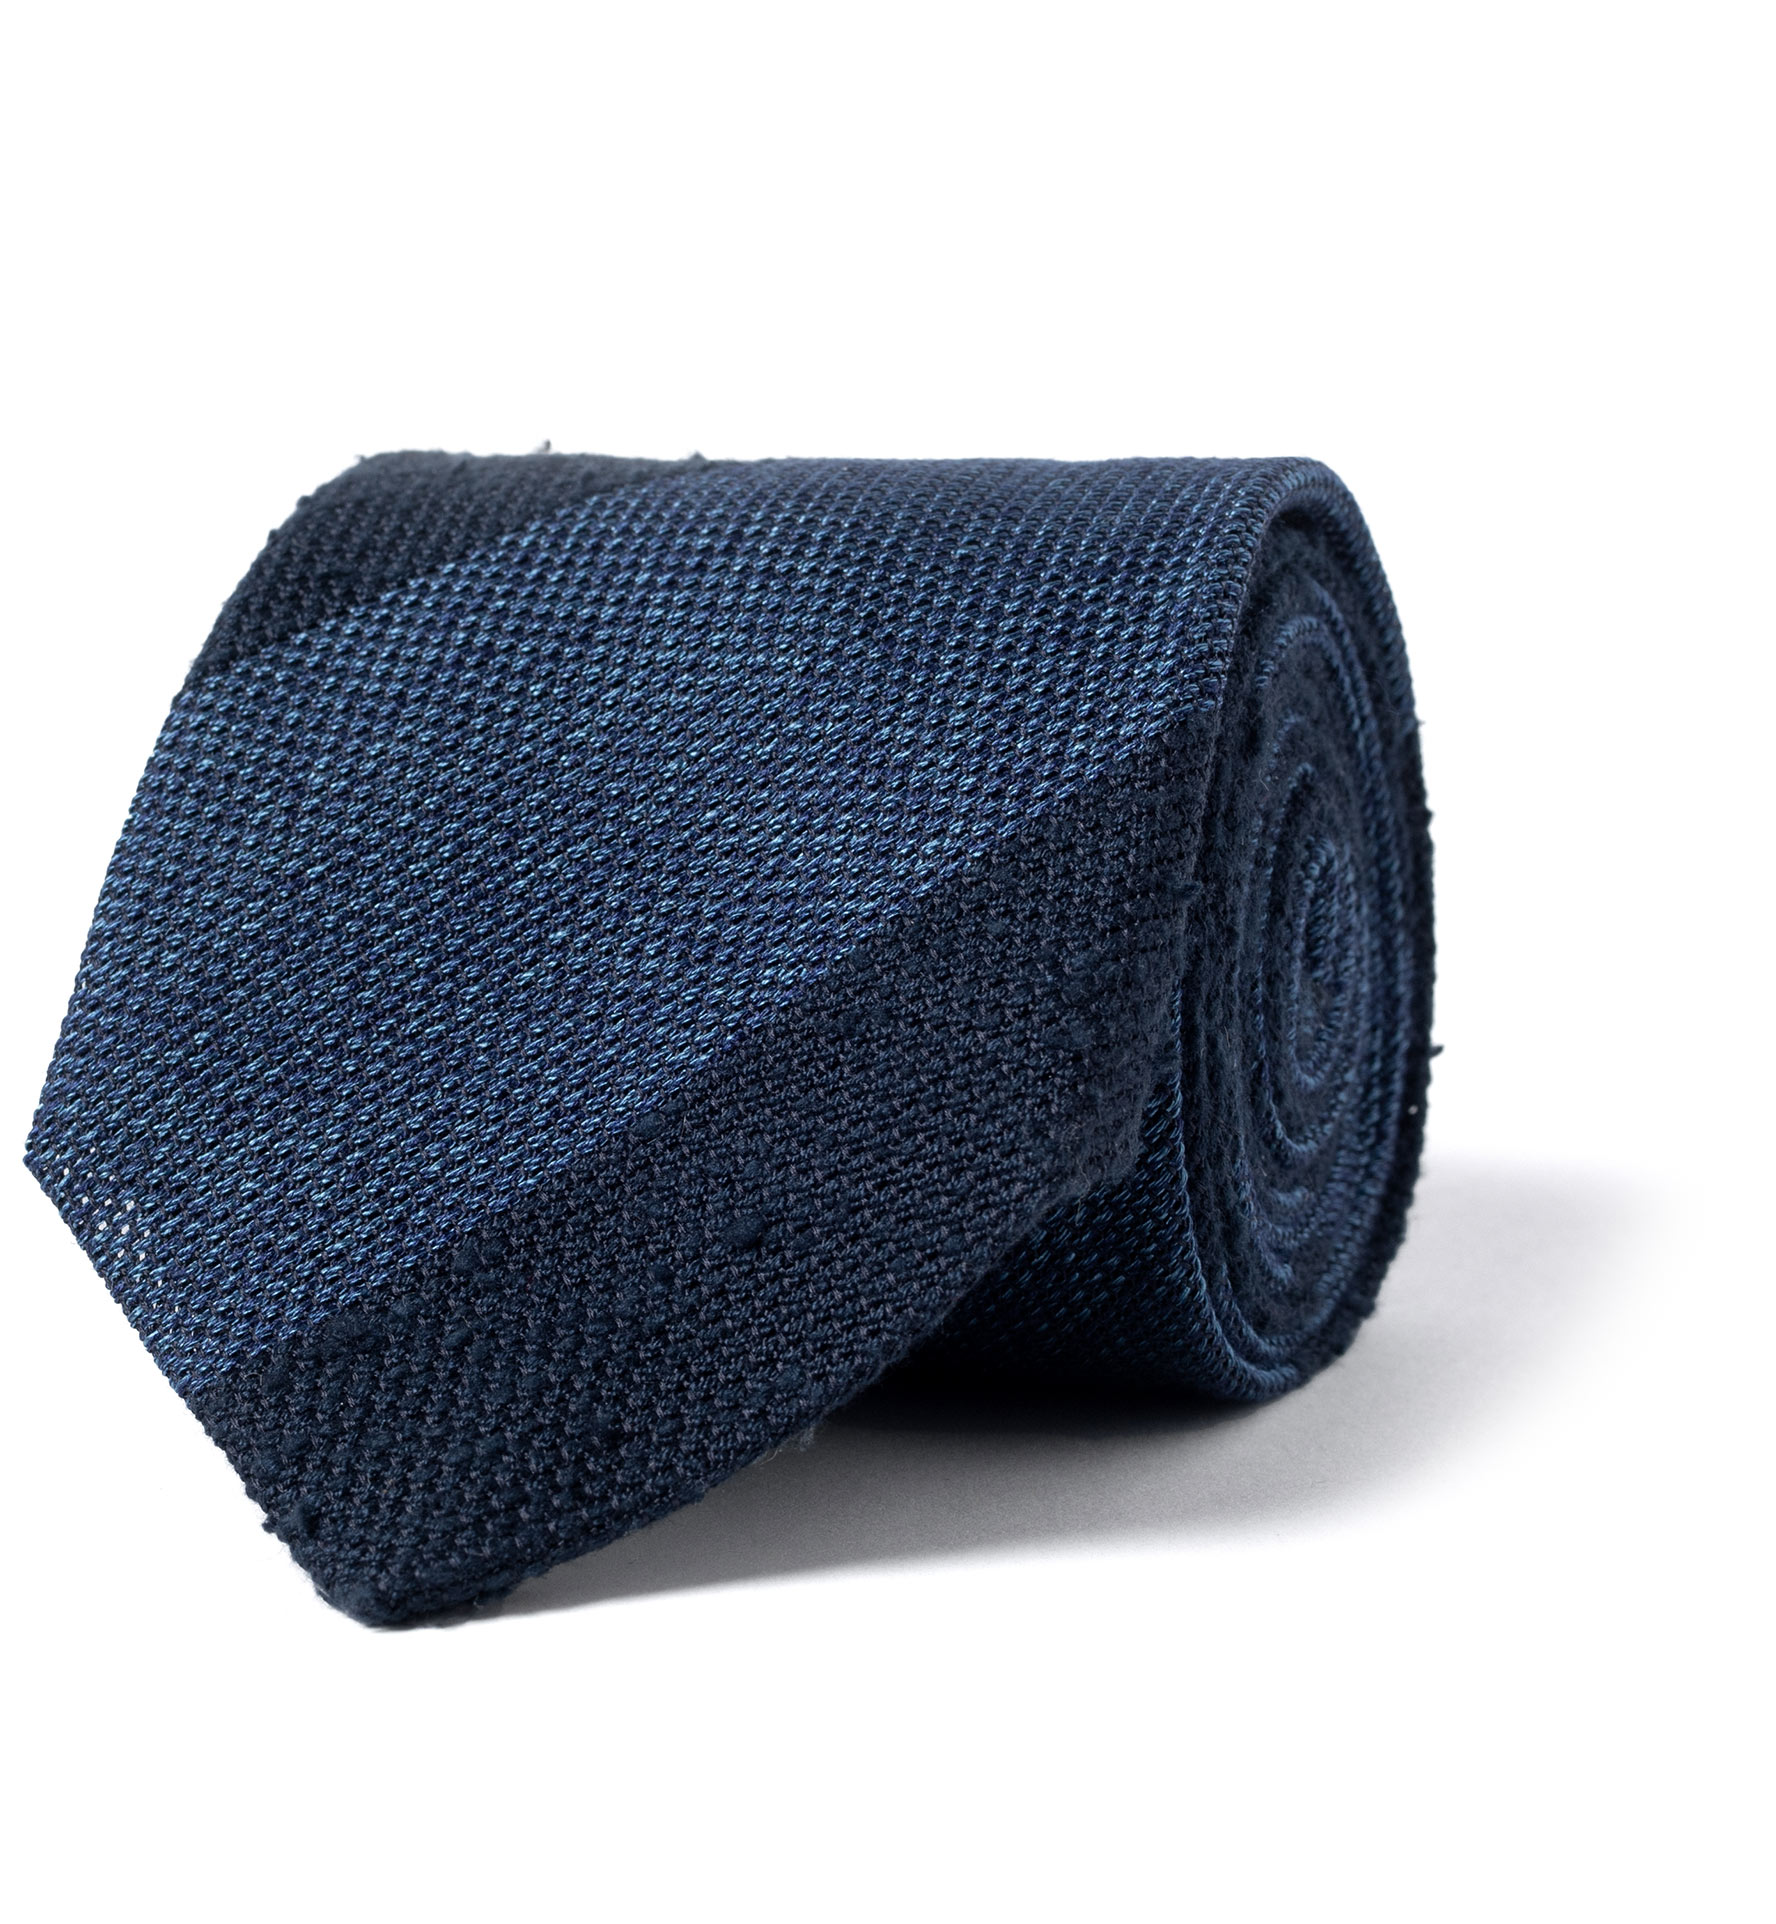 Zoom Image of Navy and Ocean Blue Wide Stripe Shantung Grenadine Tie